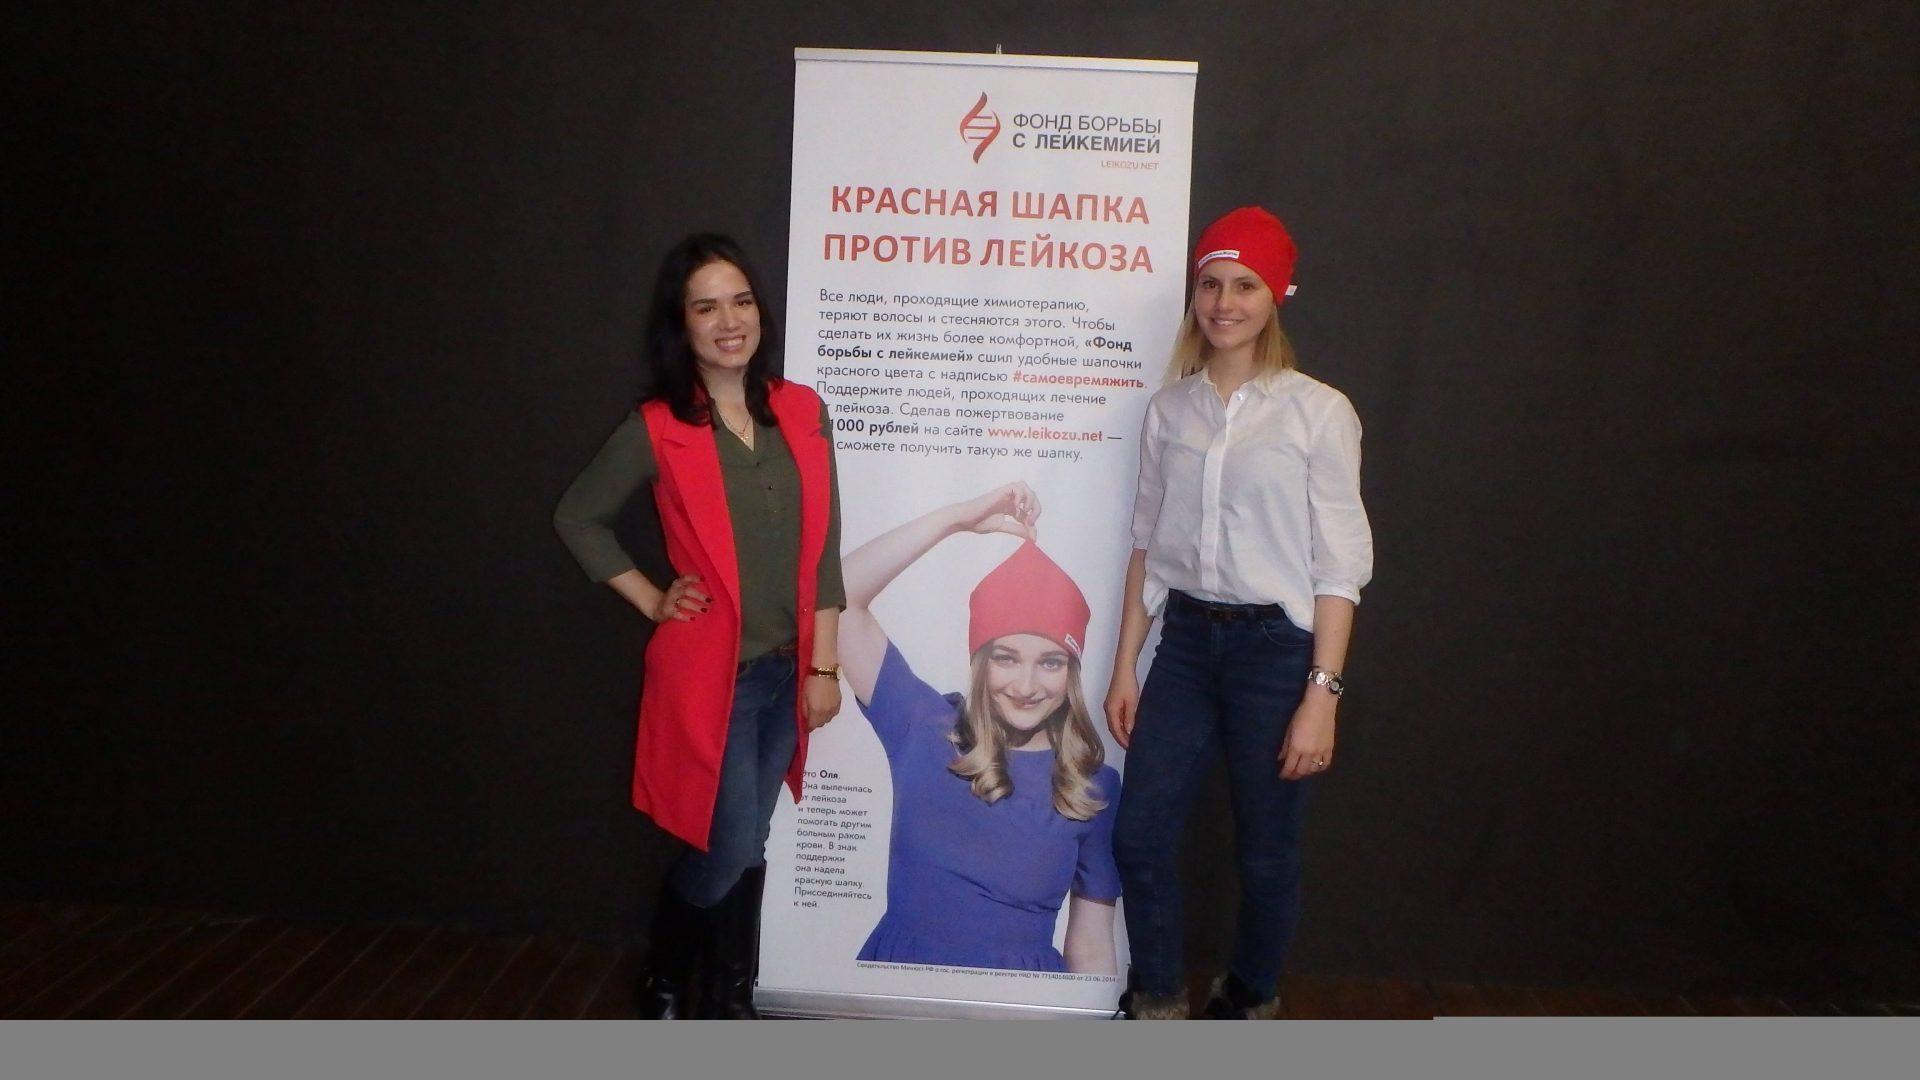 Spenderin Carina mit Empfängerin Kristina